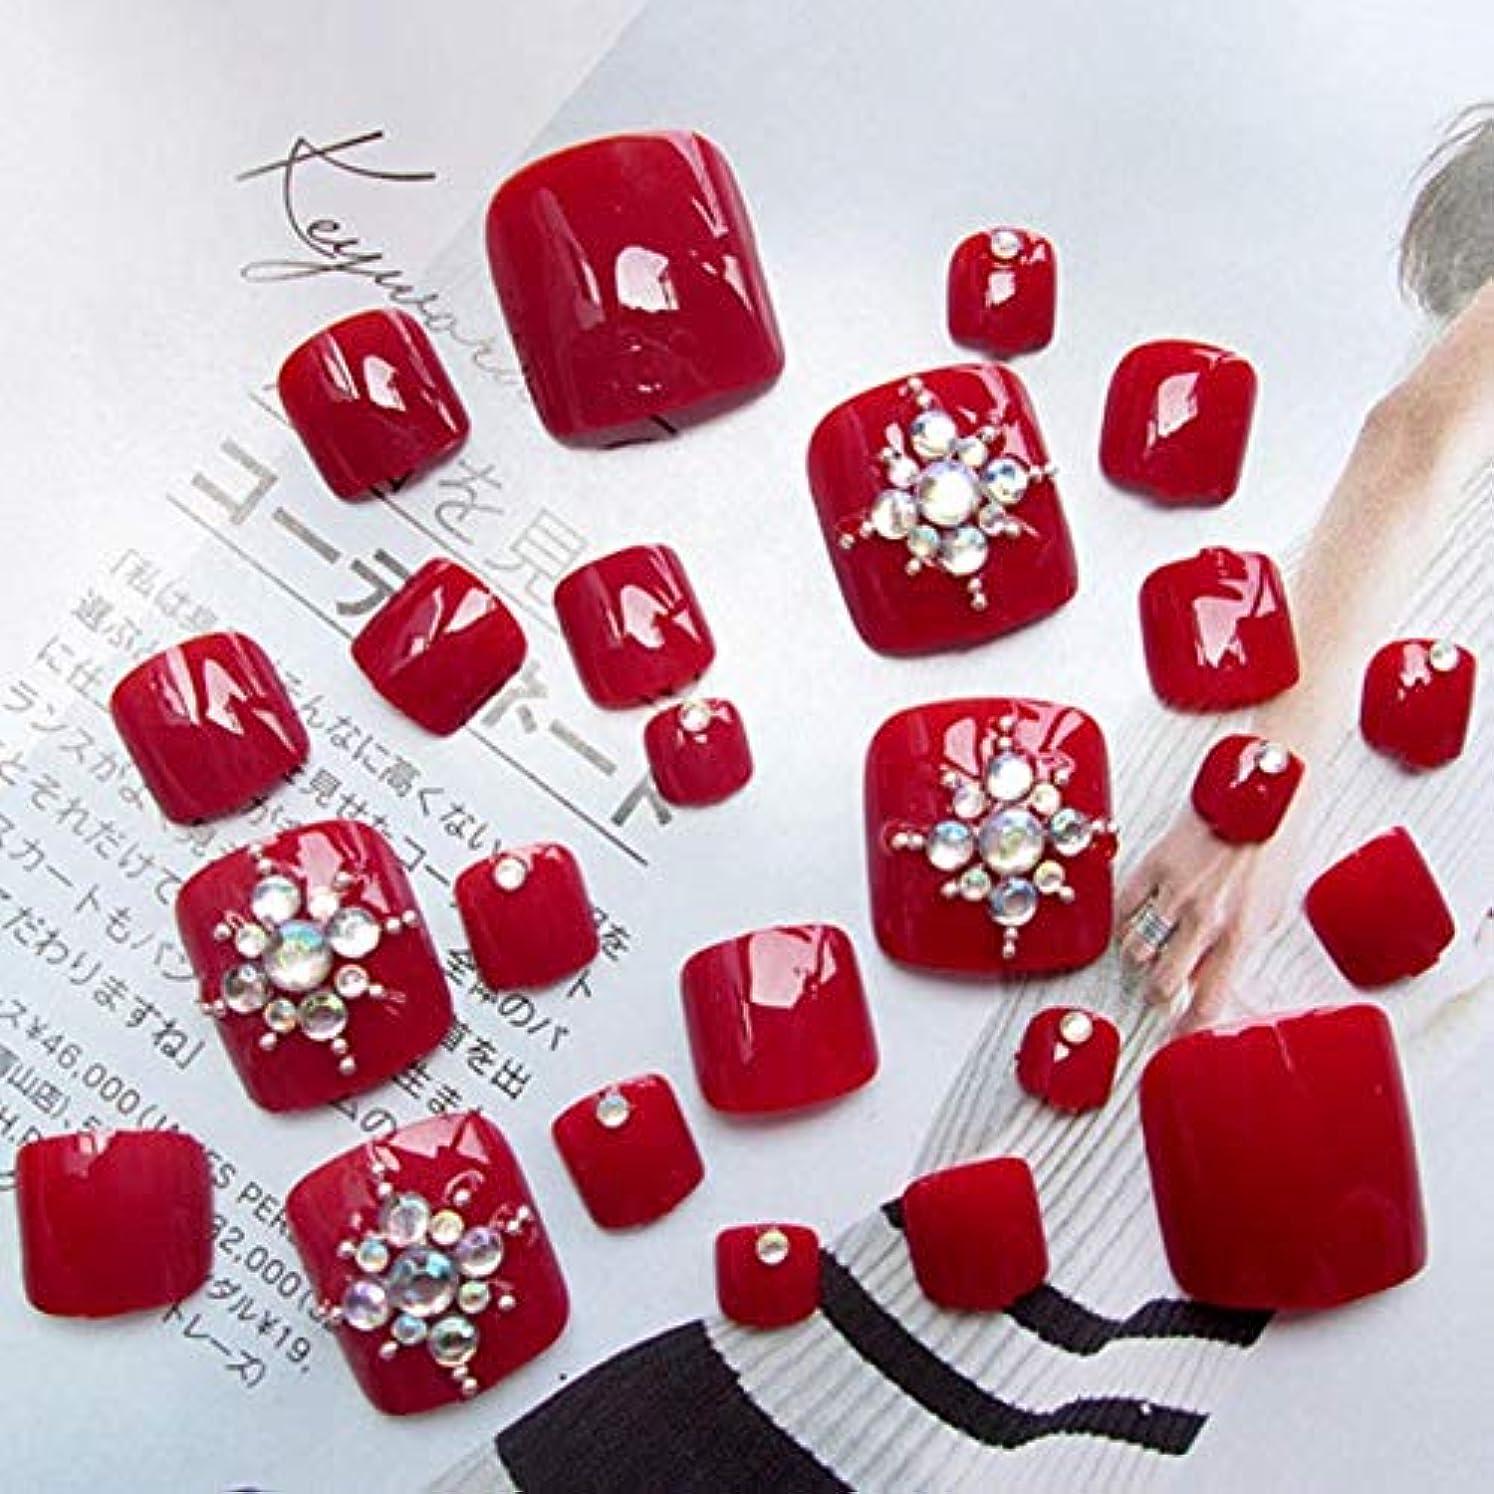 前売部分的クリークOU-Kunmlef 特徴24 pcs/セット偽の爪ファッションアクリルUVゲル完全なフランスの偽の爪のヒントマニキュアネイルアートのヒントツール(None Liquor.)